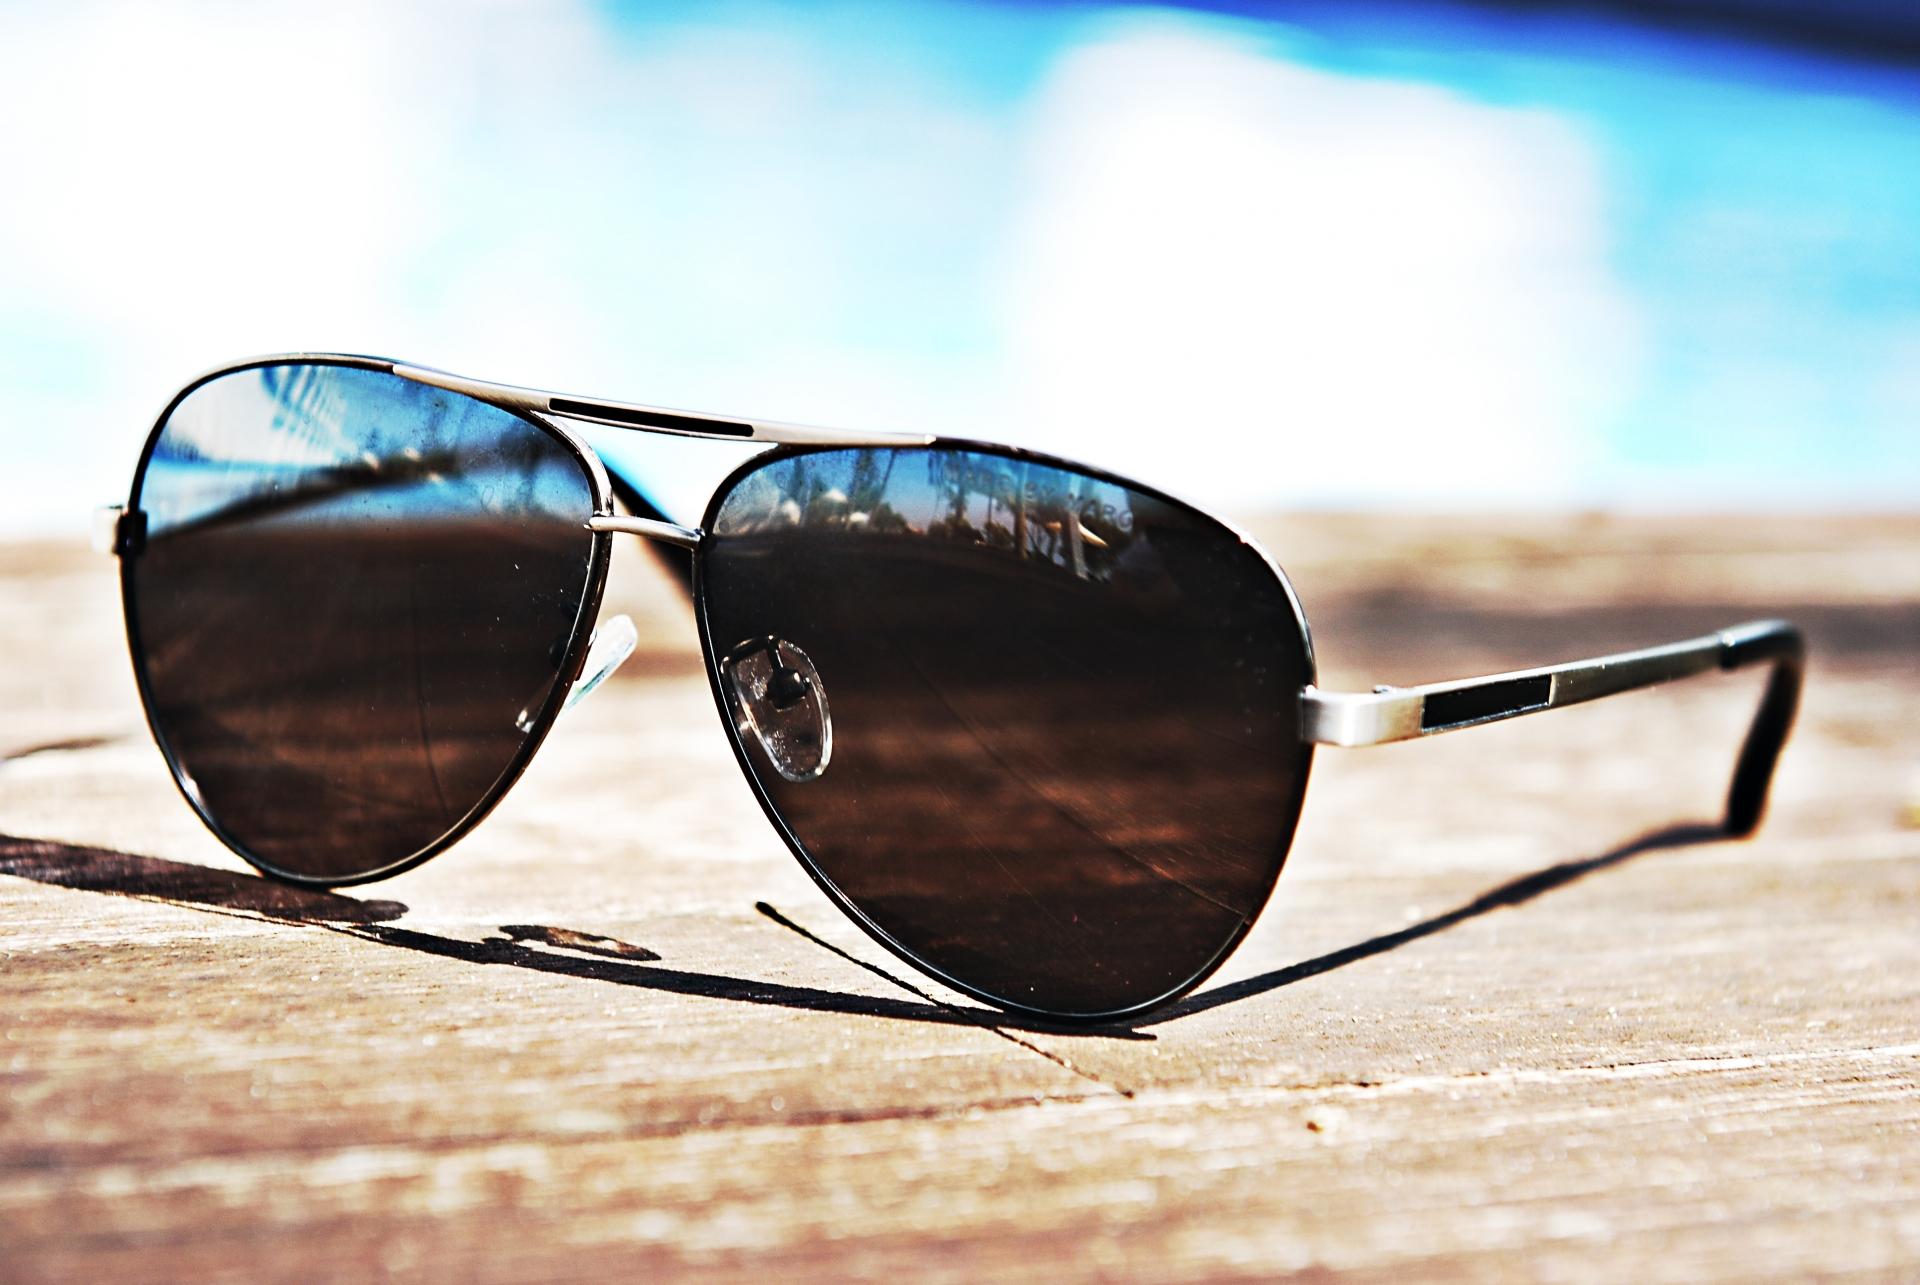 紫外線の強い石垣島でのマストアイテムであるサングラス